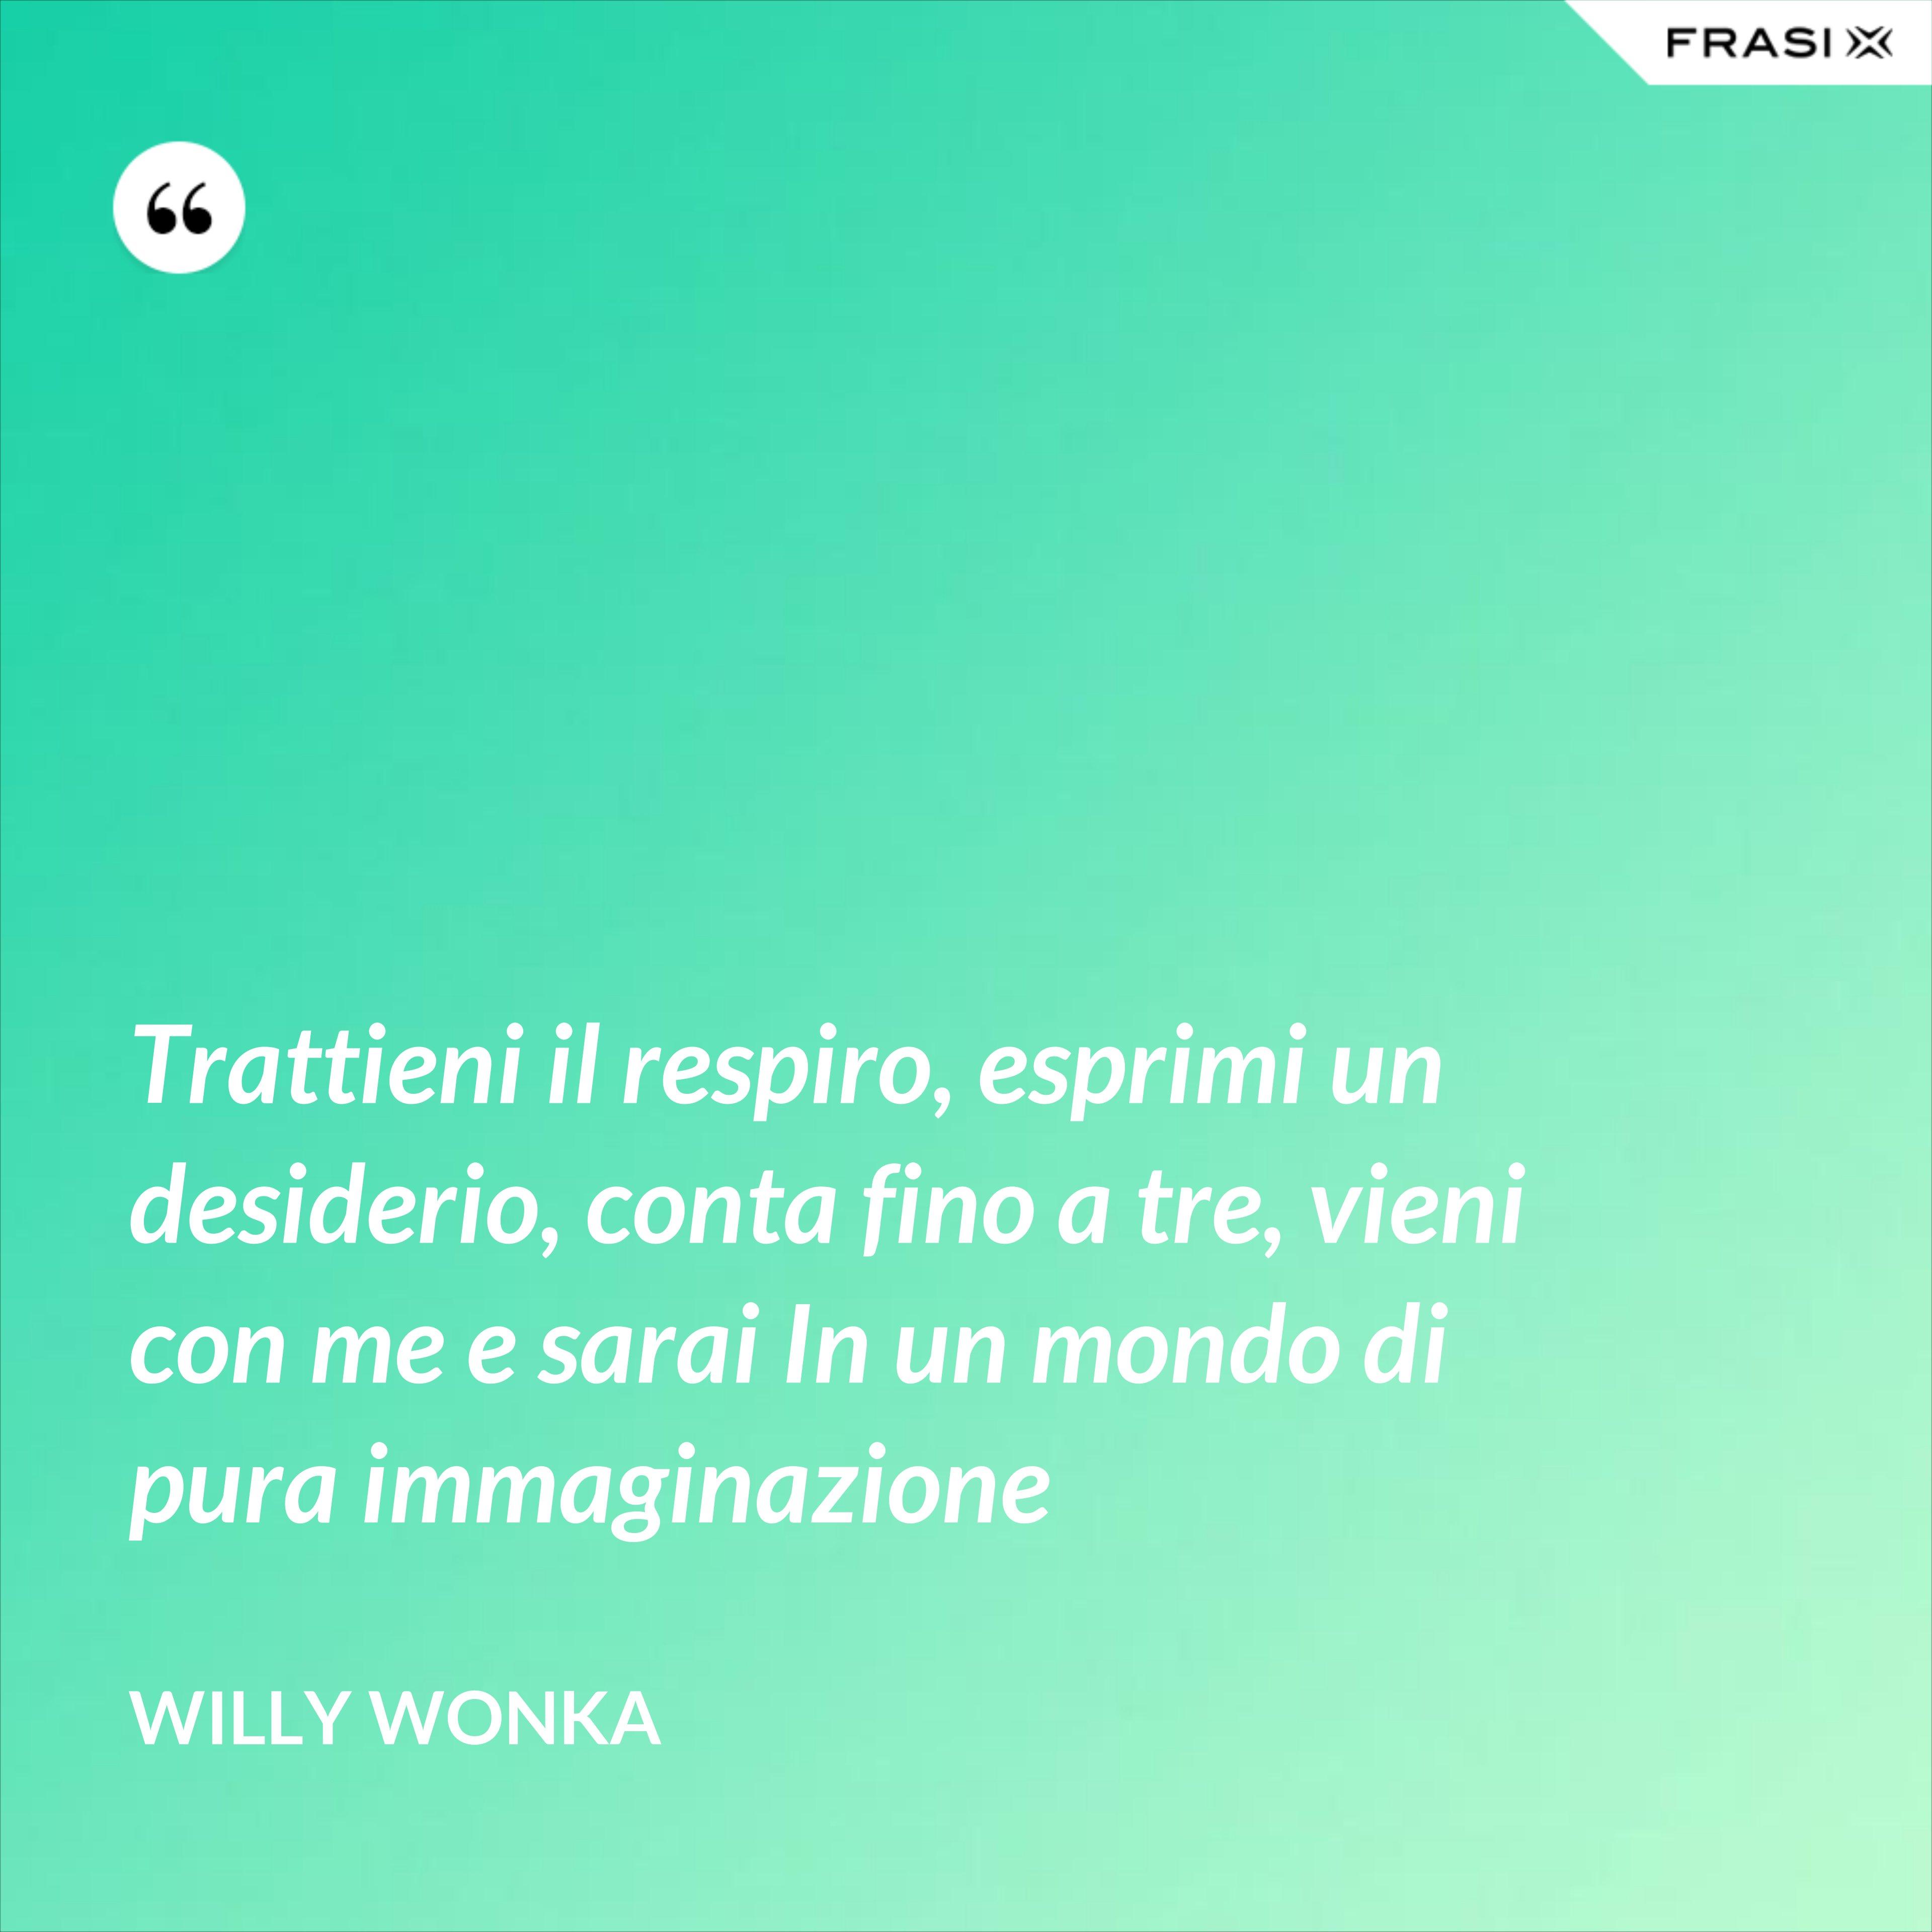 Trattieni il respiro, esprimi un desiderio, conta fino a tre, vieni con me e sarai In un mondo di pura immaginazione - Willy Wonka